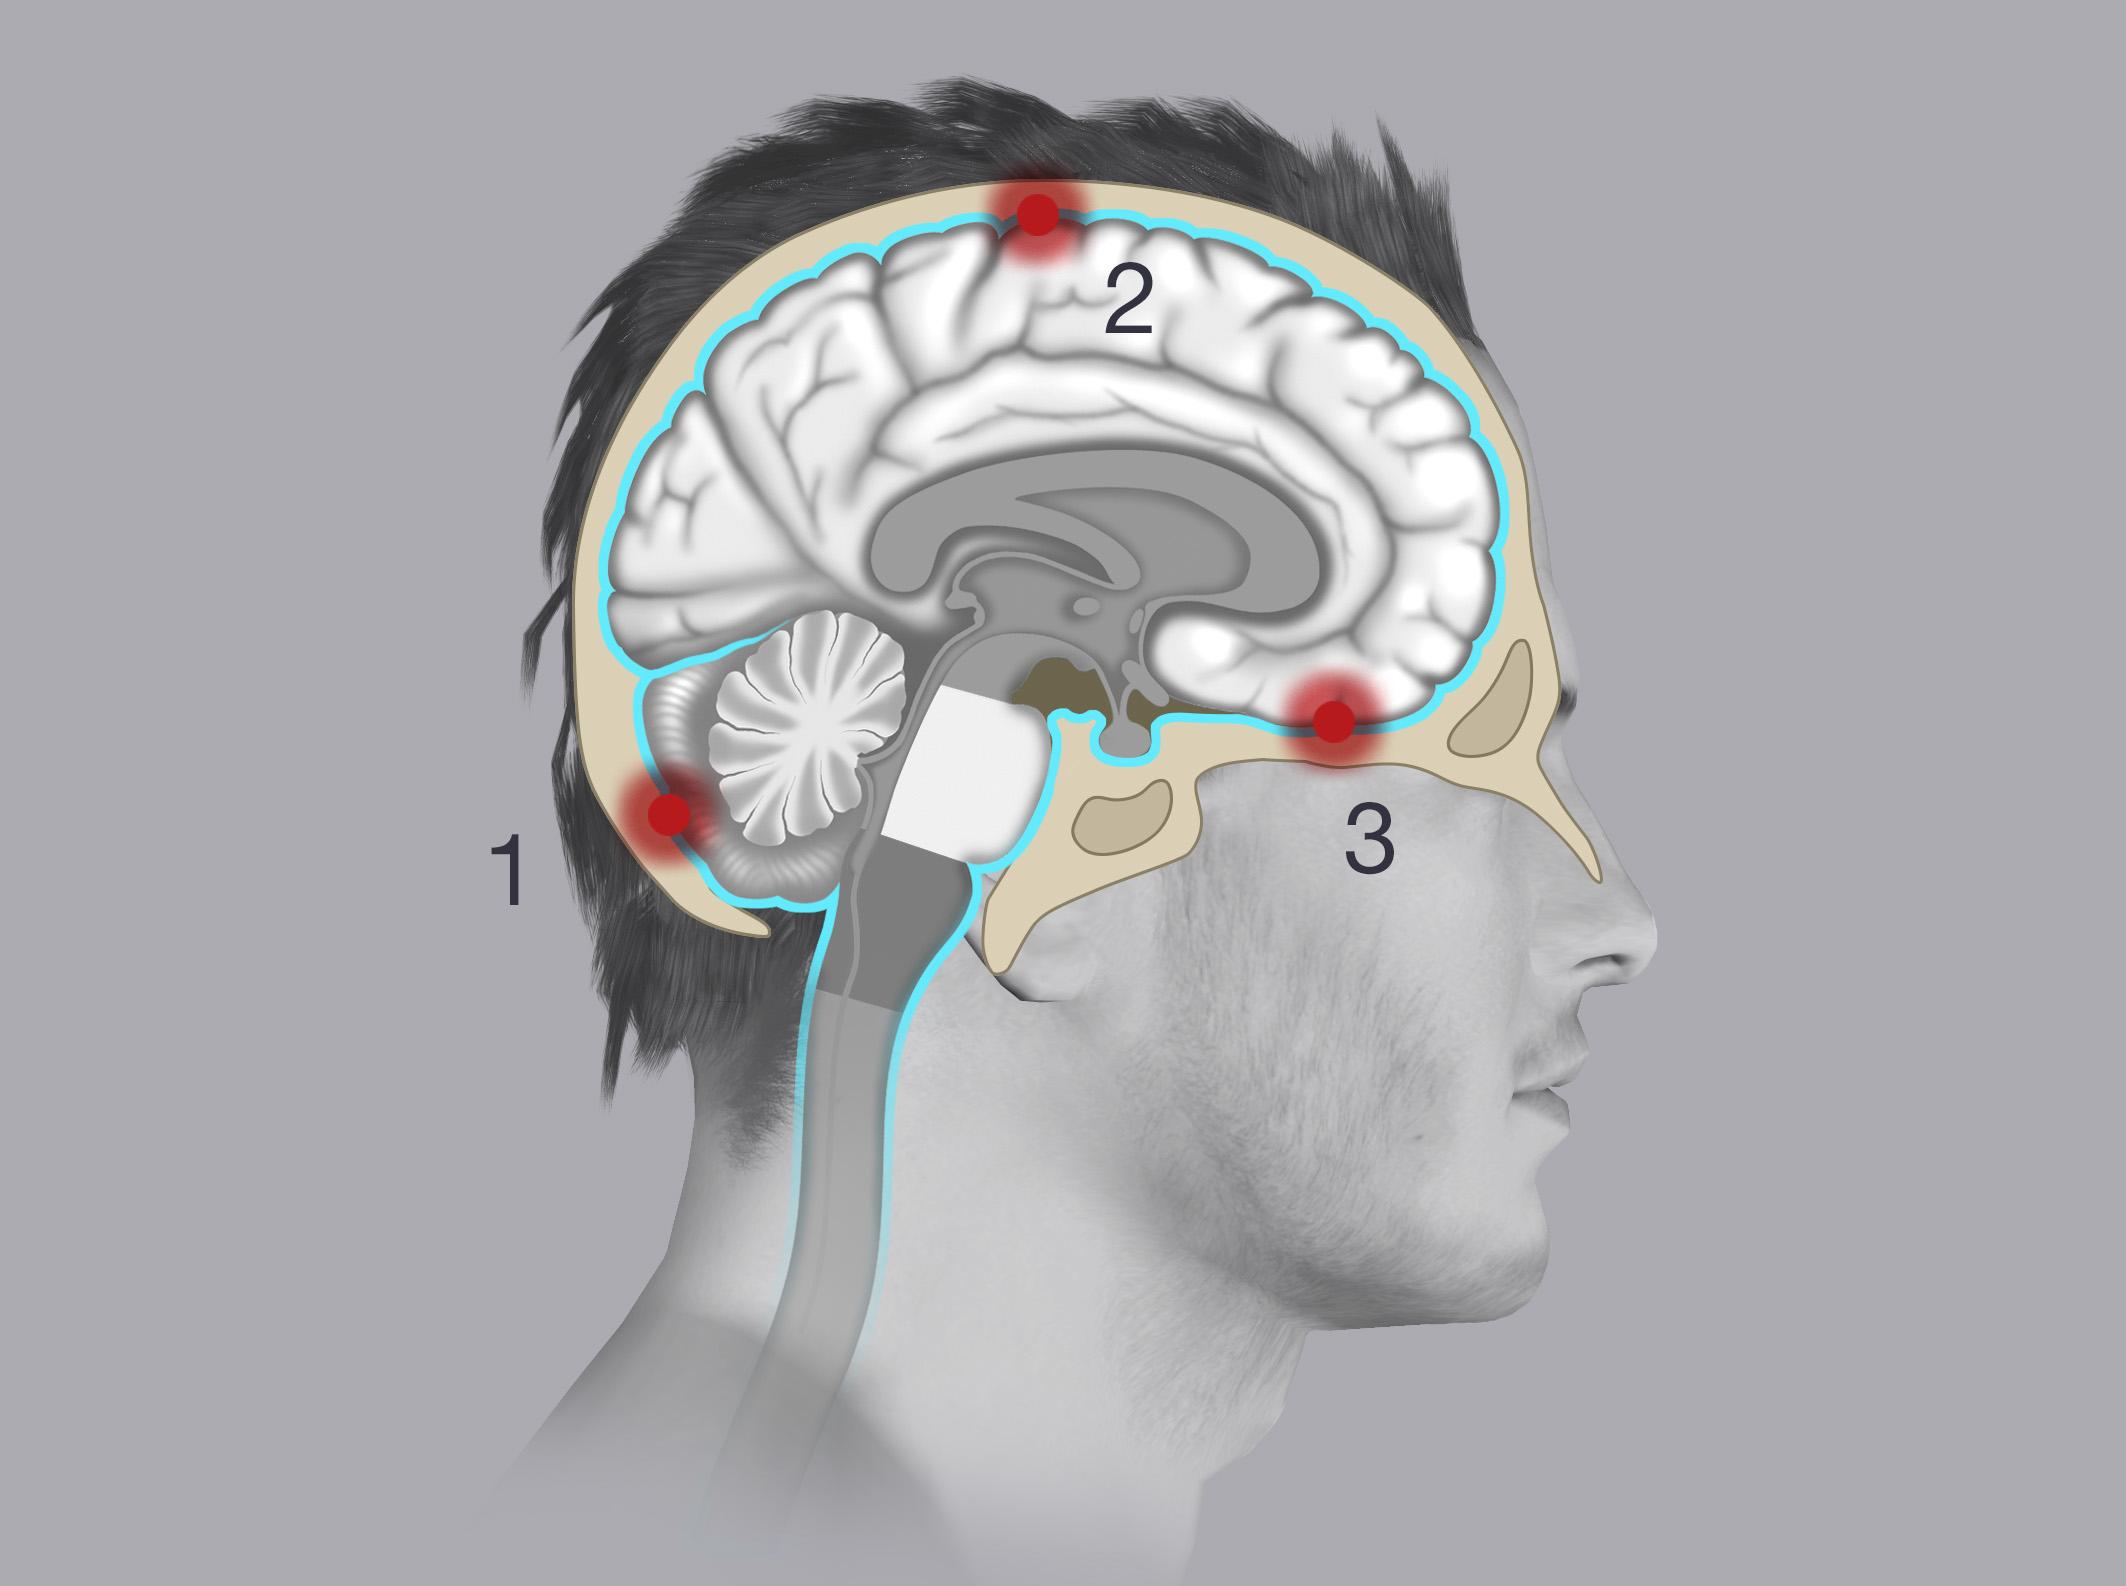 In base alla localizzazione si classificano: meningiomi della fossa posteriore (1), meningiomi della convessità (2), meningiomi della base cranica (3).